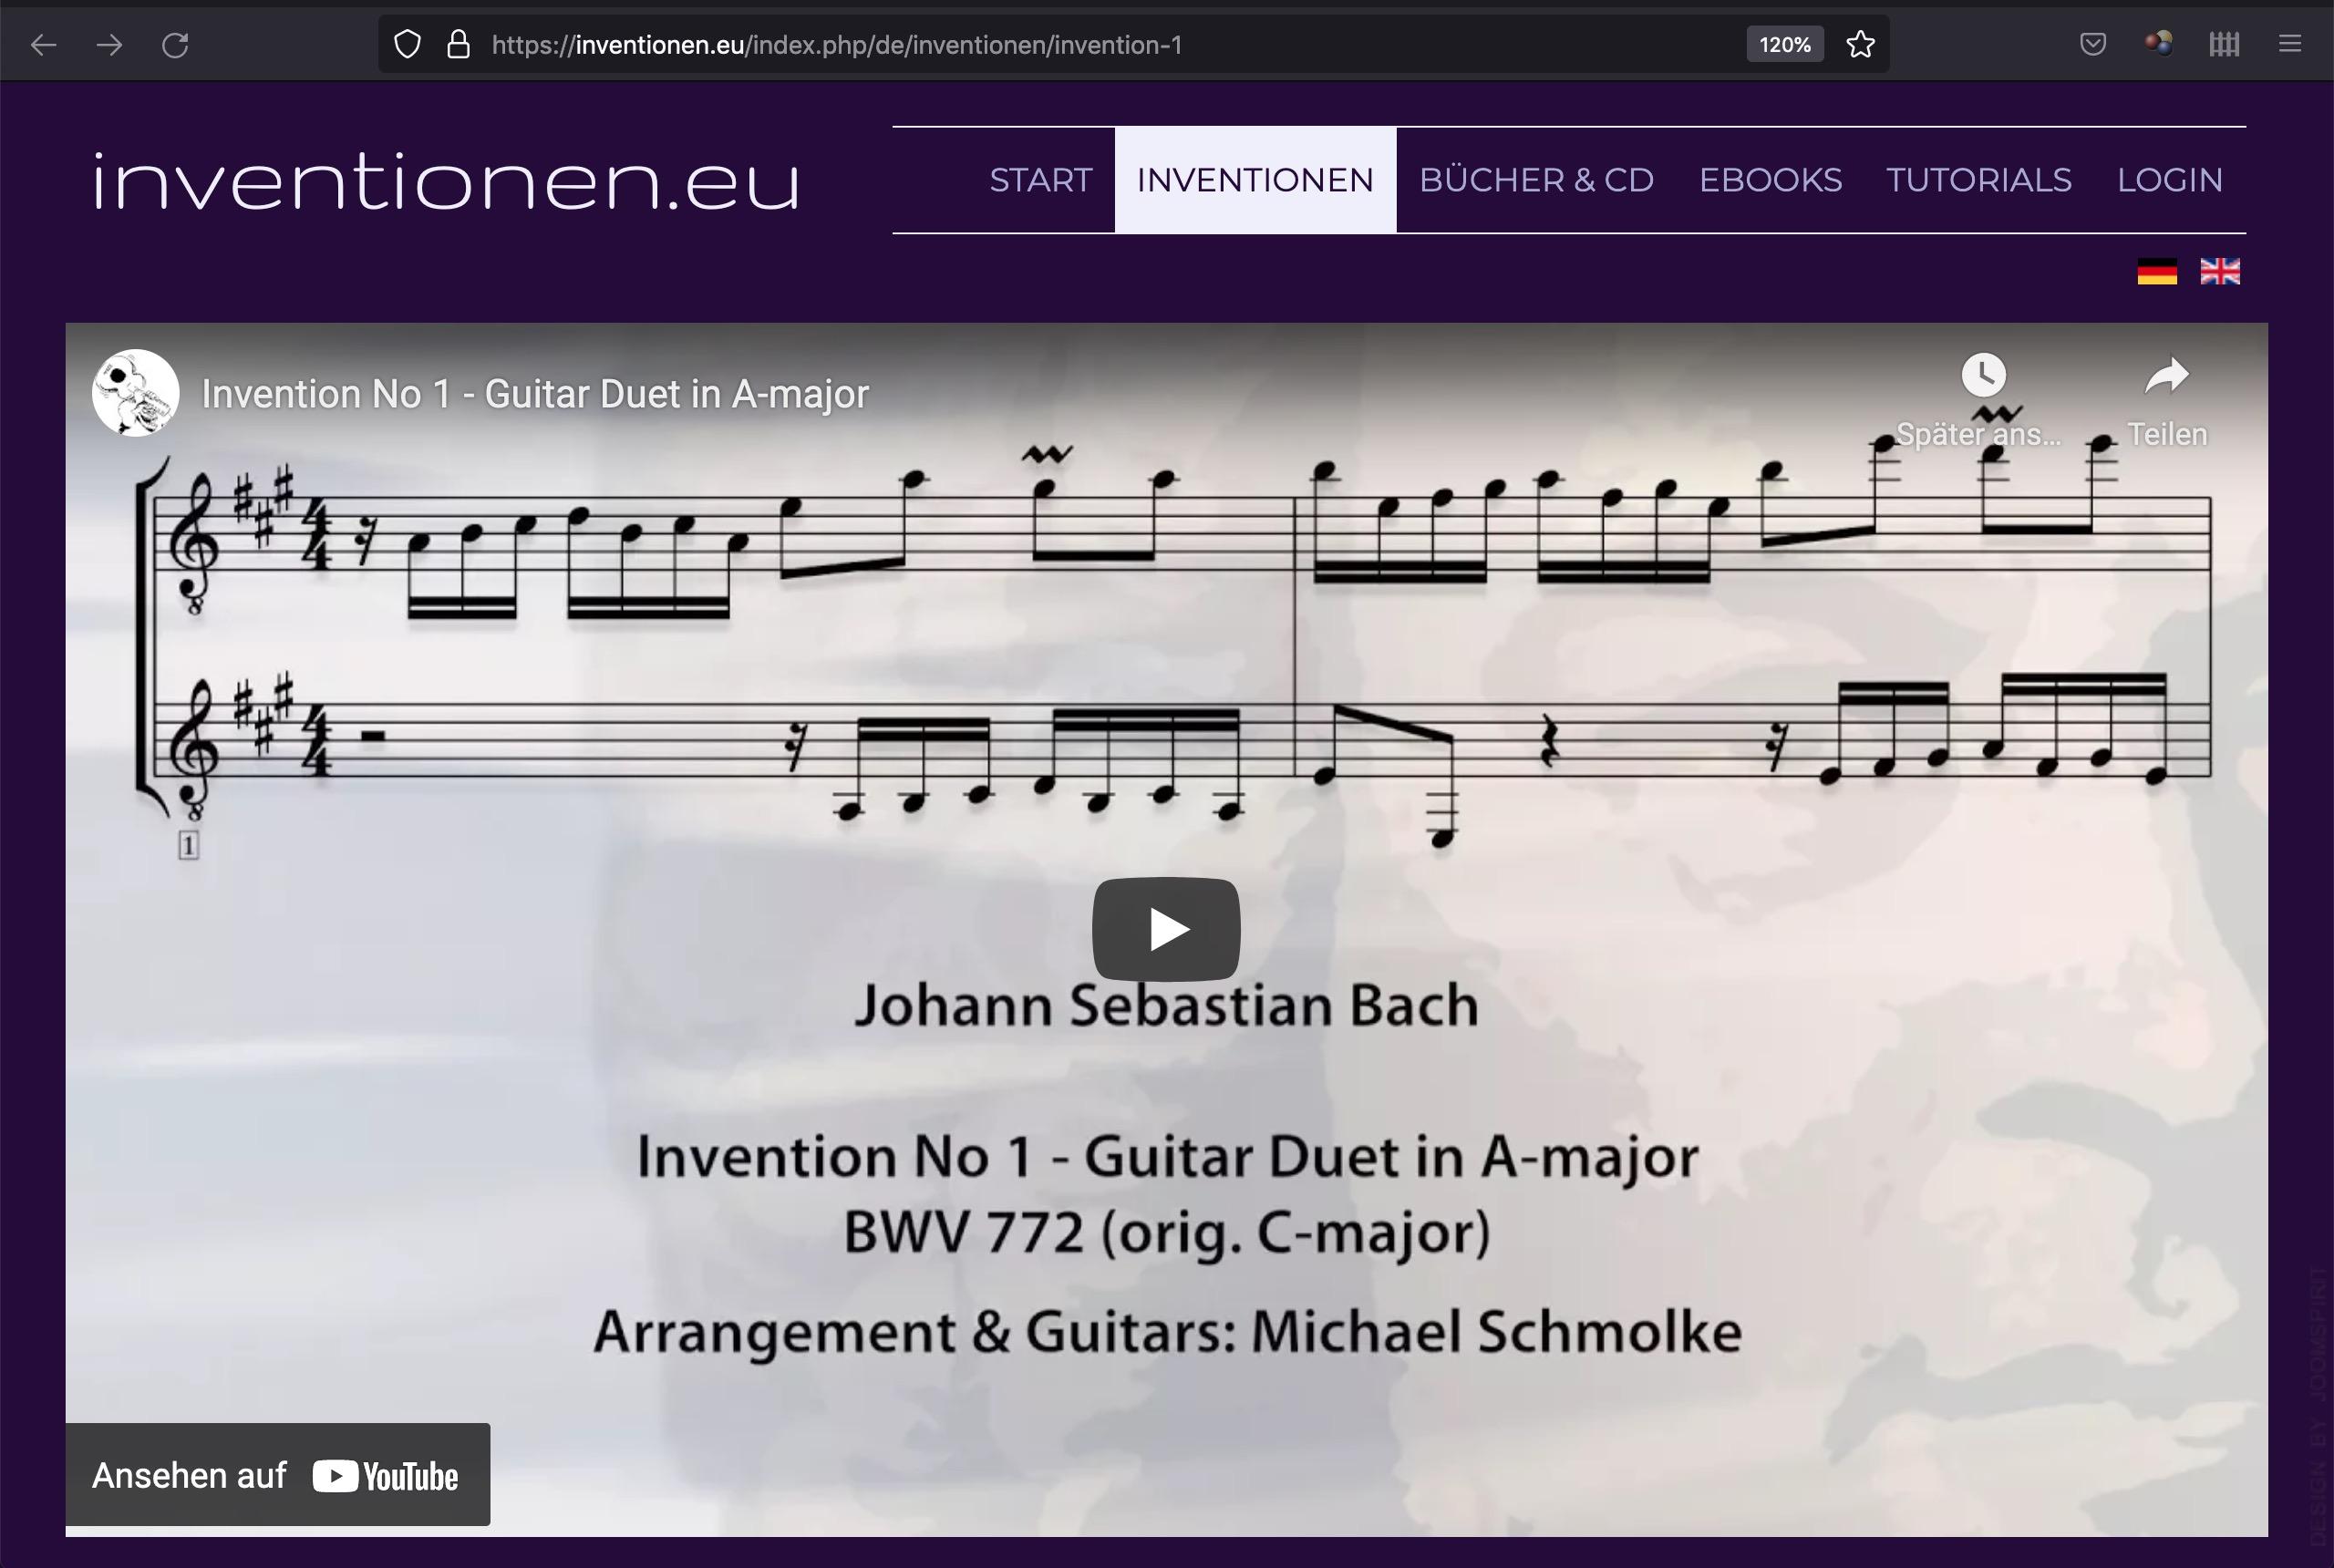 inventionen.eu - Die Website zu Bachs Inventionen für Gitarre